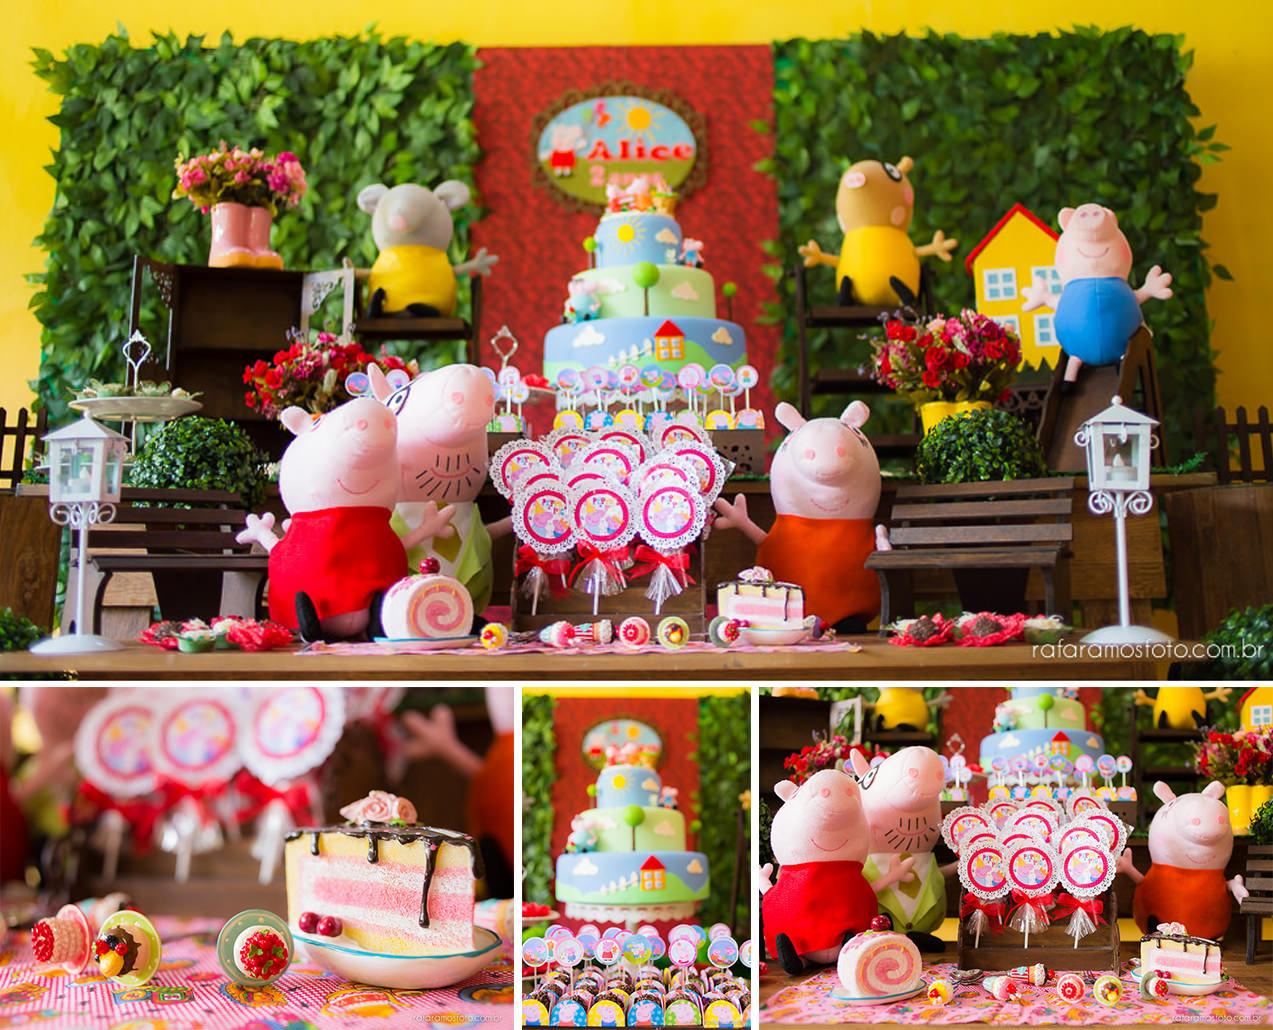 Aniversario infantil cia dos bichos cotia festa intantil 2 anos tema pepa pig alice 2 anos 00001